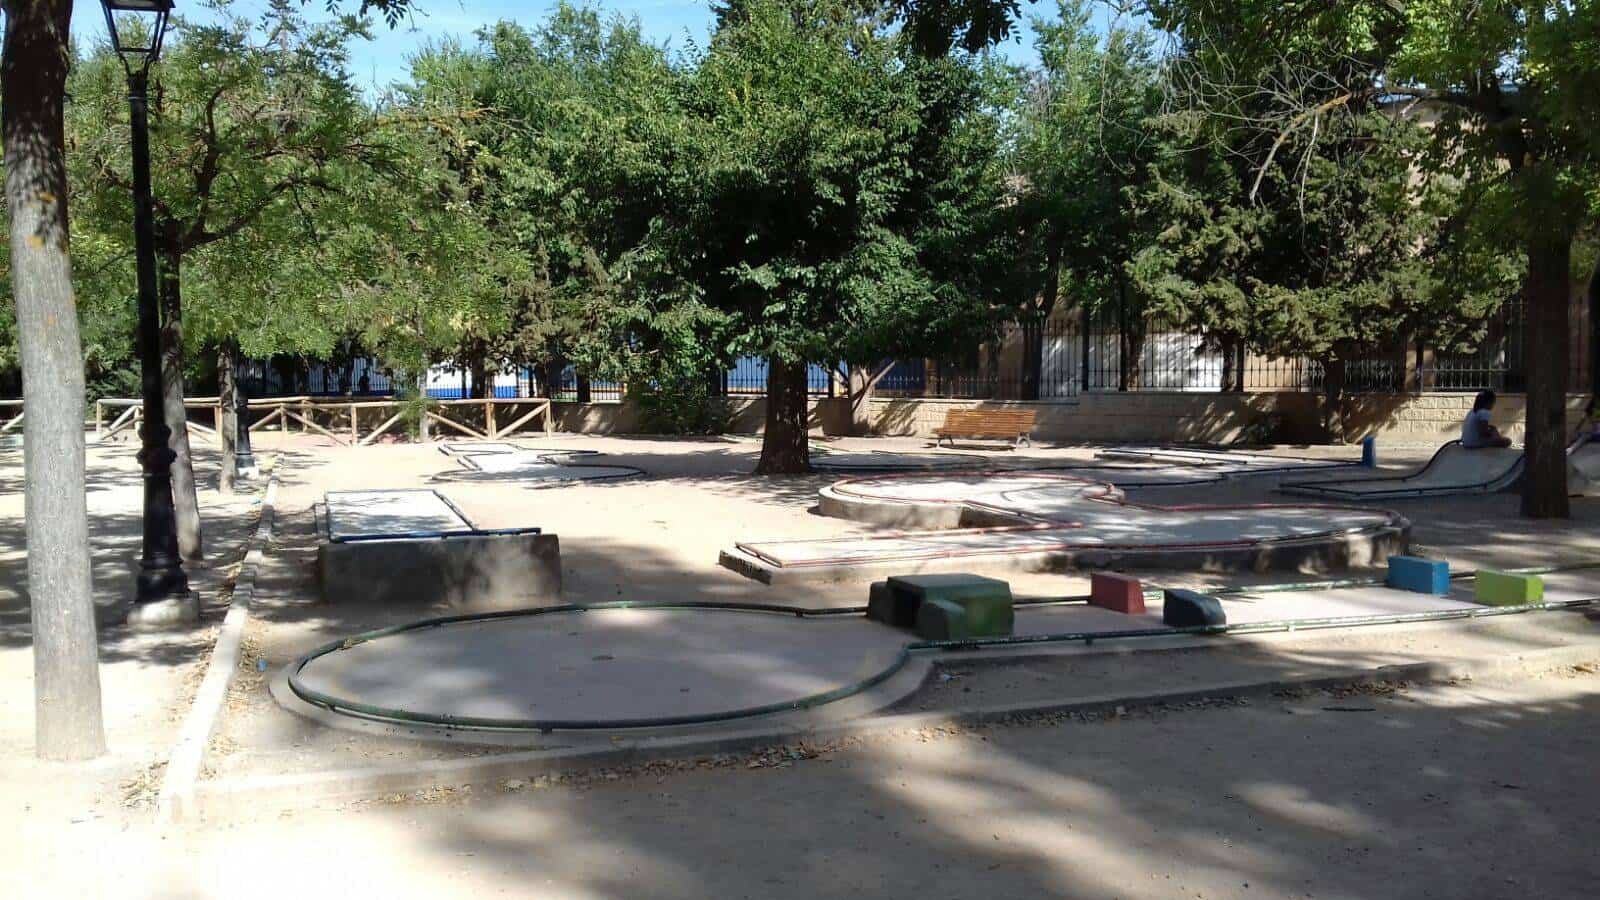 pistas de minigolf de Herencia8 - El sábado se disputará el III torneo de minigolf MAESA